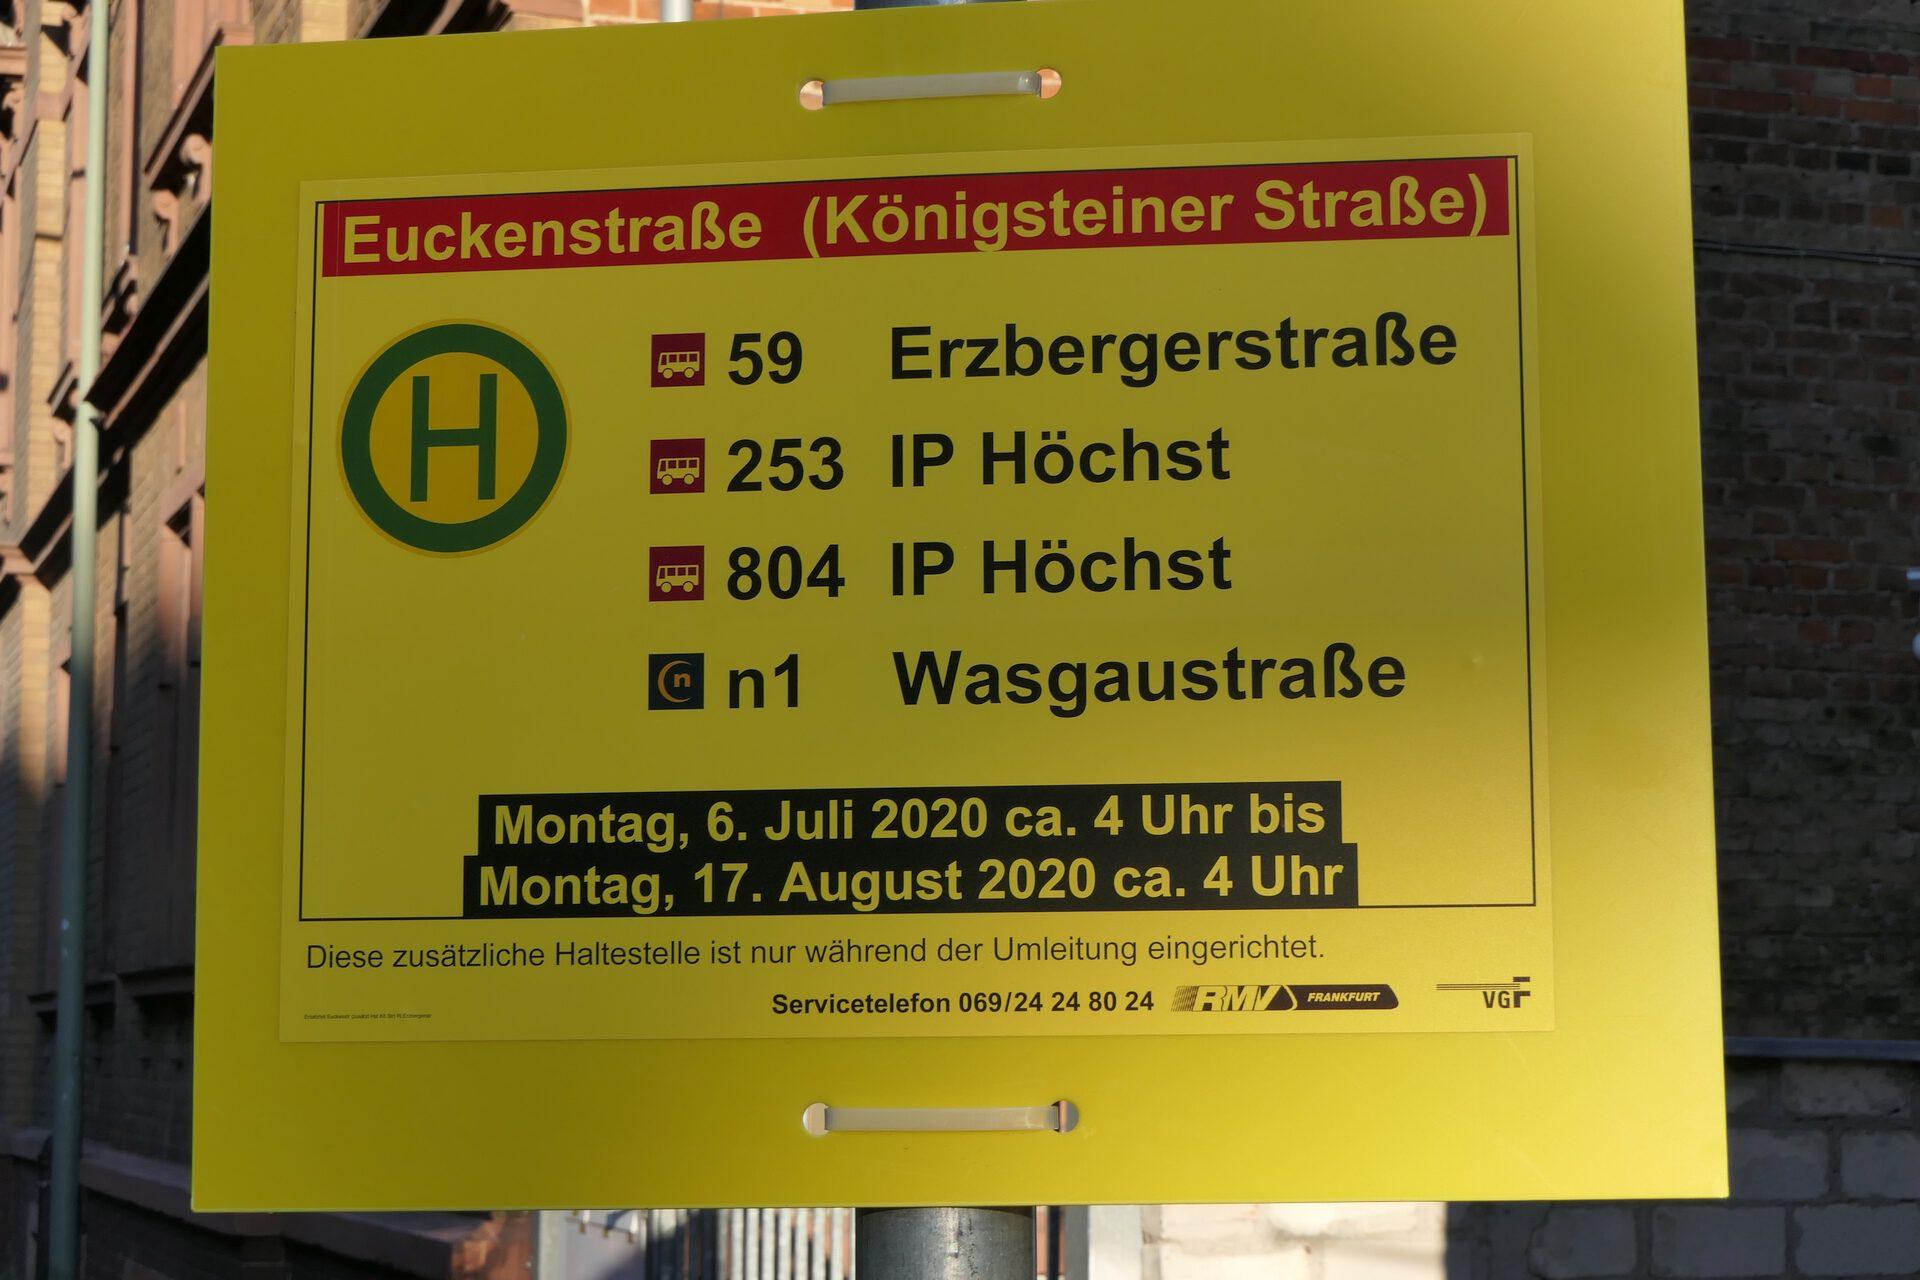 Ersatzhaltestelle für die Bushaltestelle Euckenstraße in der Königsteiner Straße